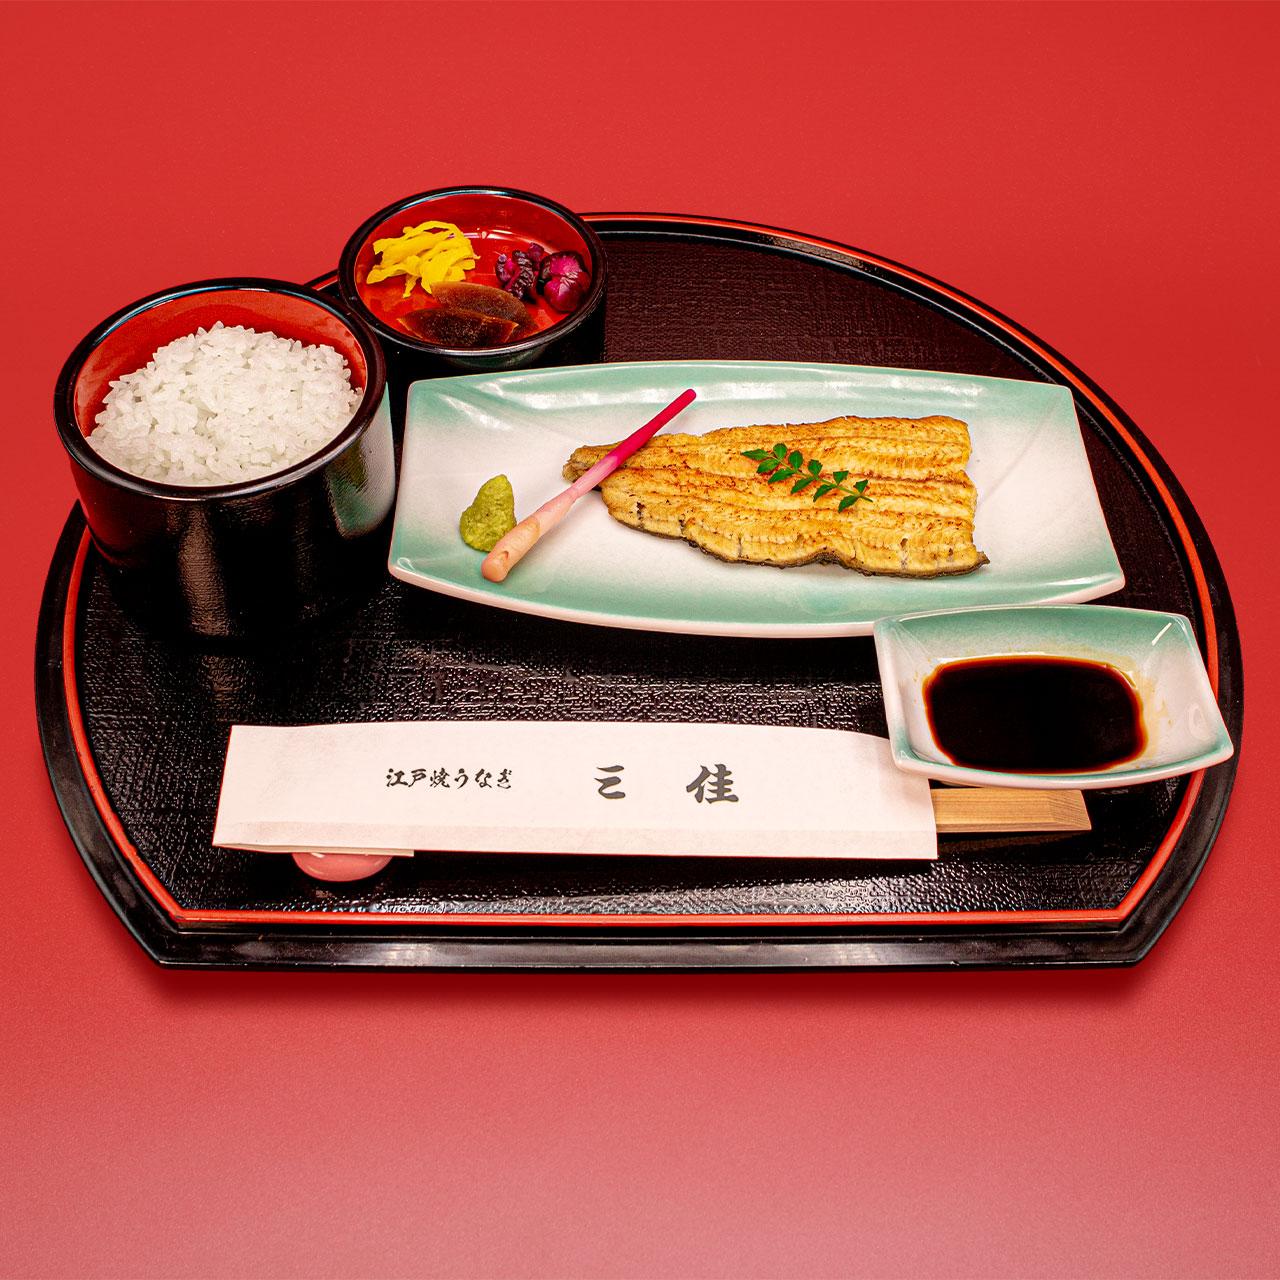 白焼うなぎハーフサイズ(ご飯付)2,450円